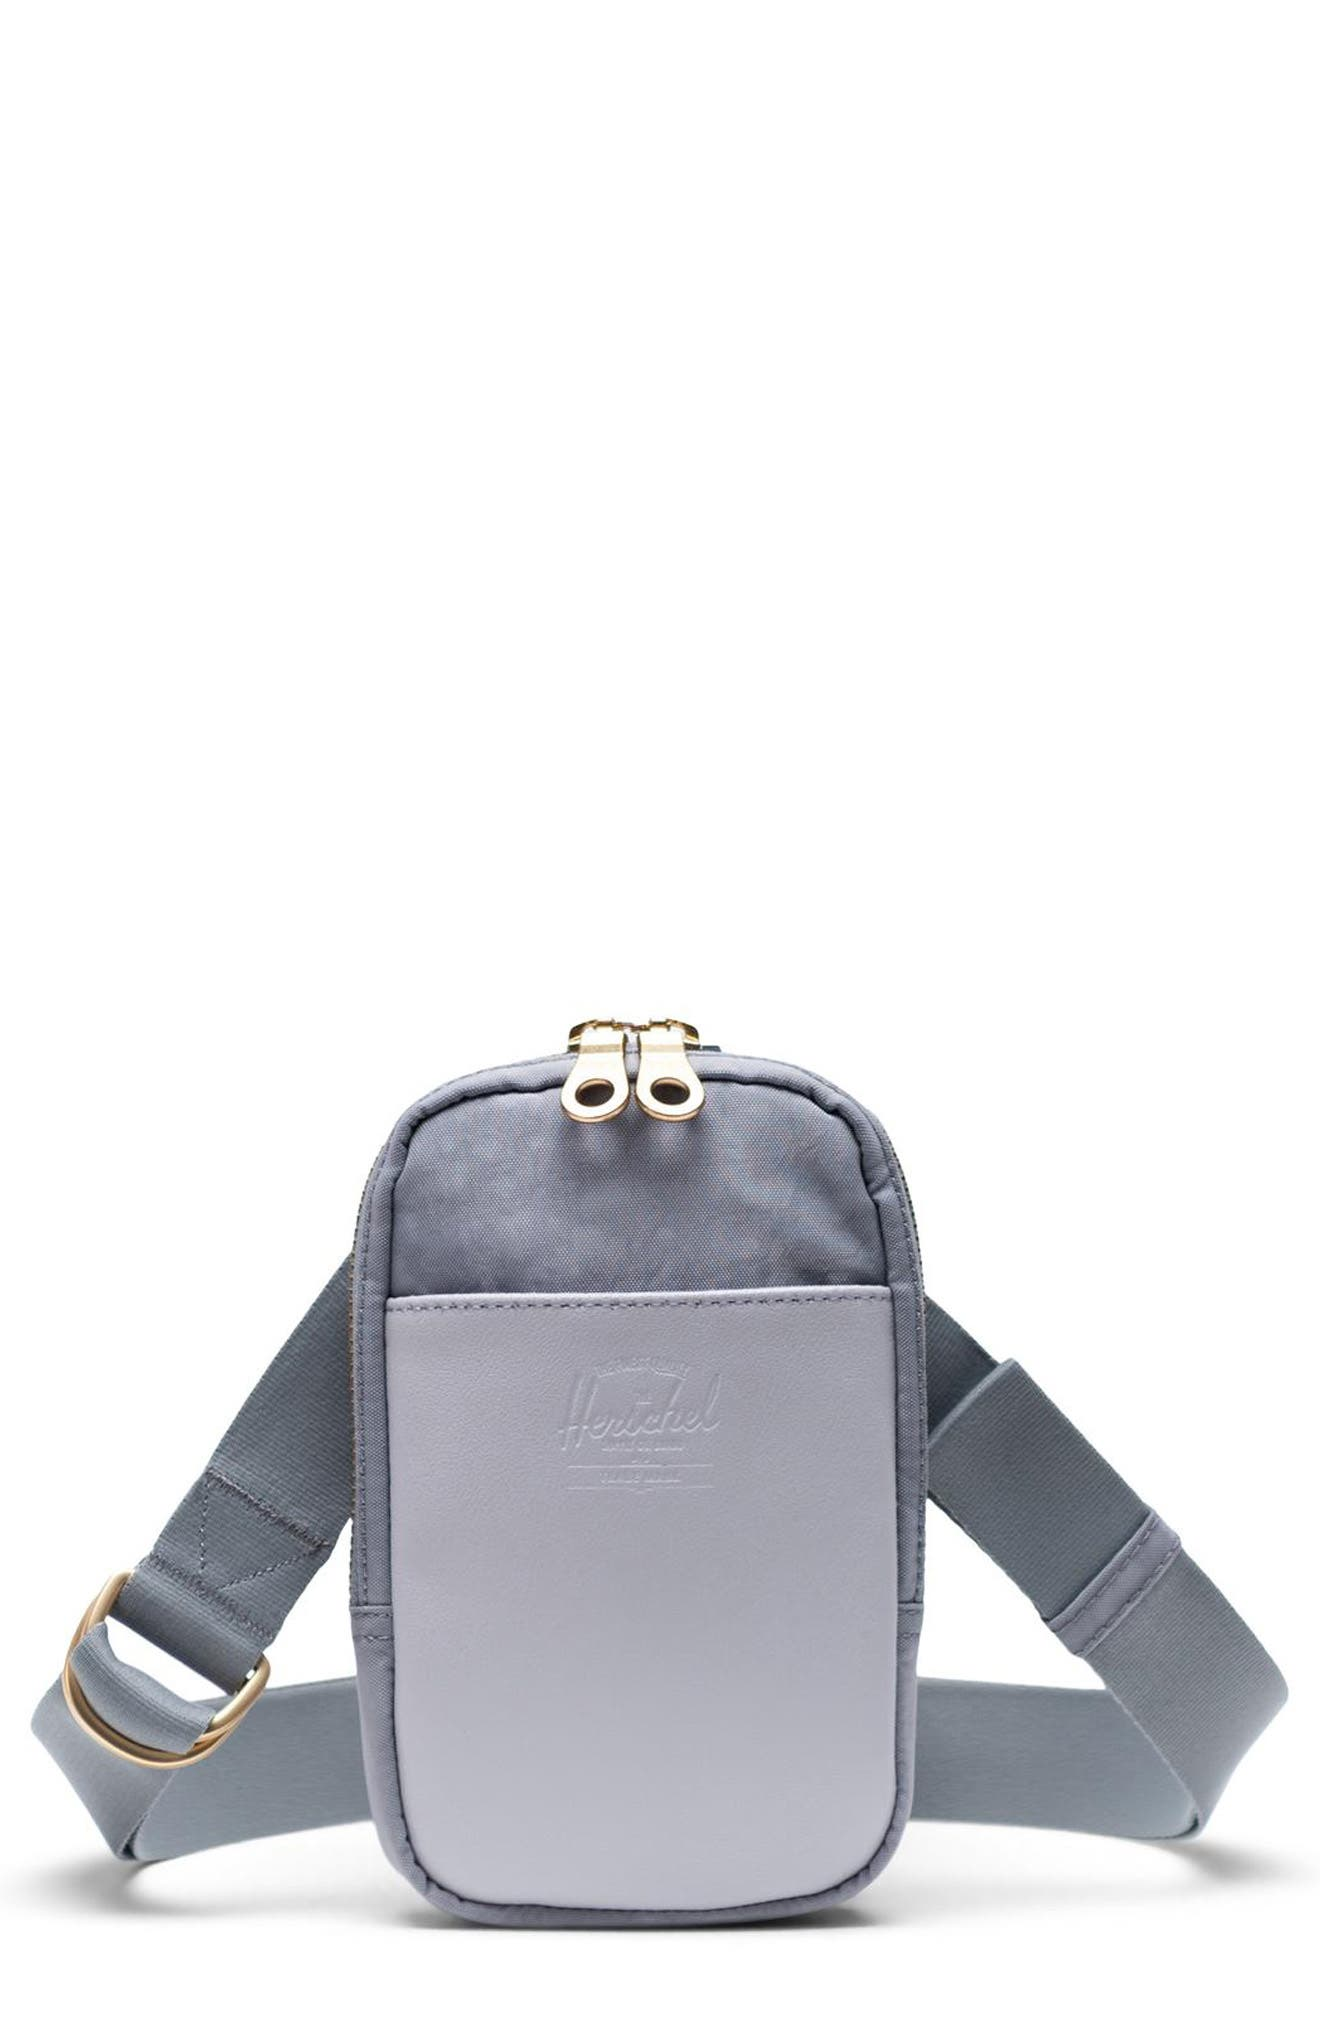 Image of Herschel Supply Co. Orion Belt Bag